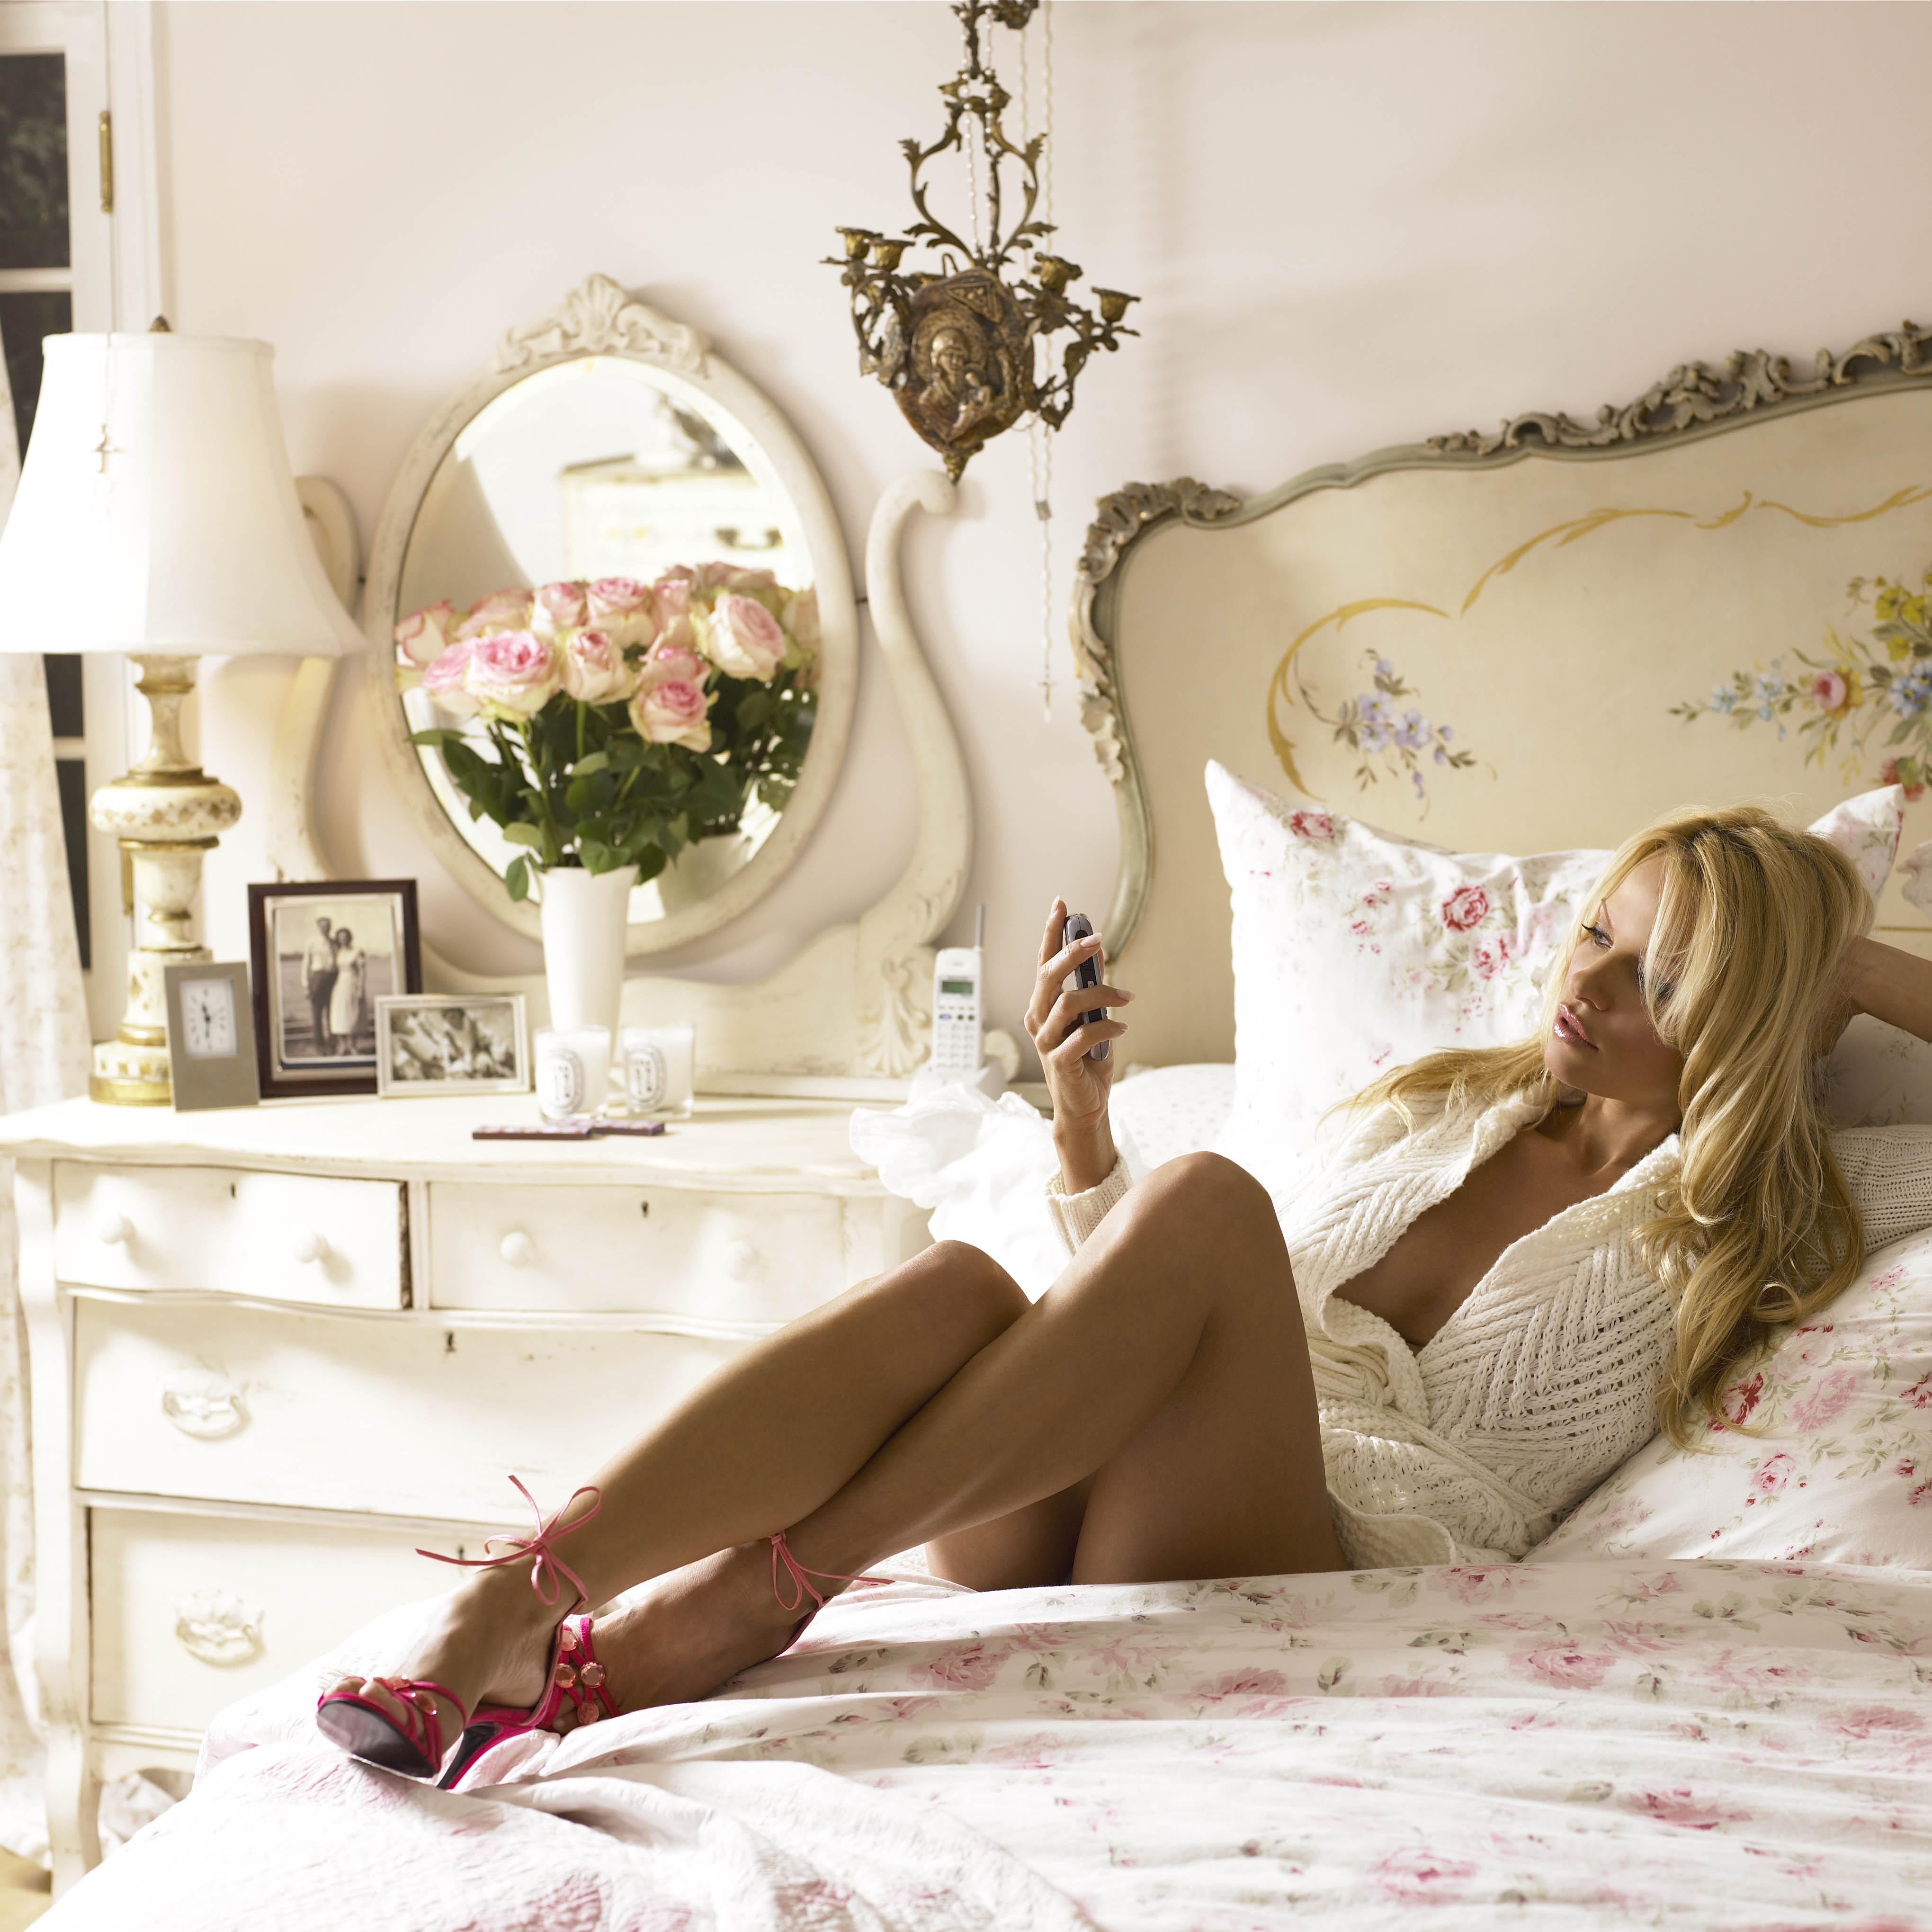 Эротические фотографии красивых дам в роскошных апартаментах и спальнях